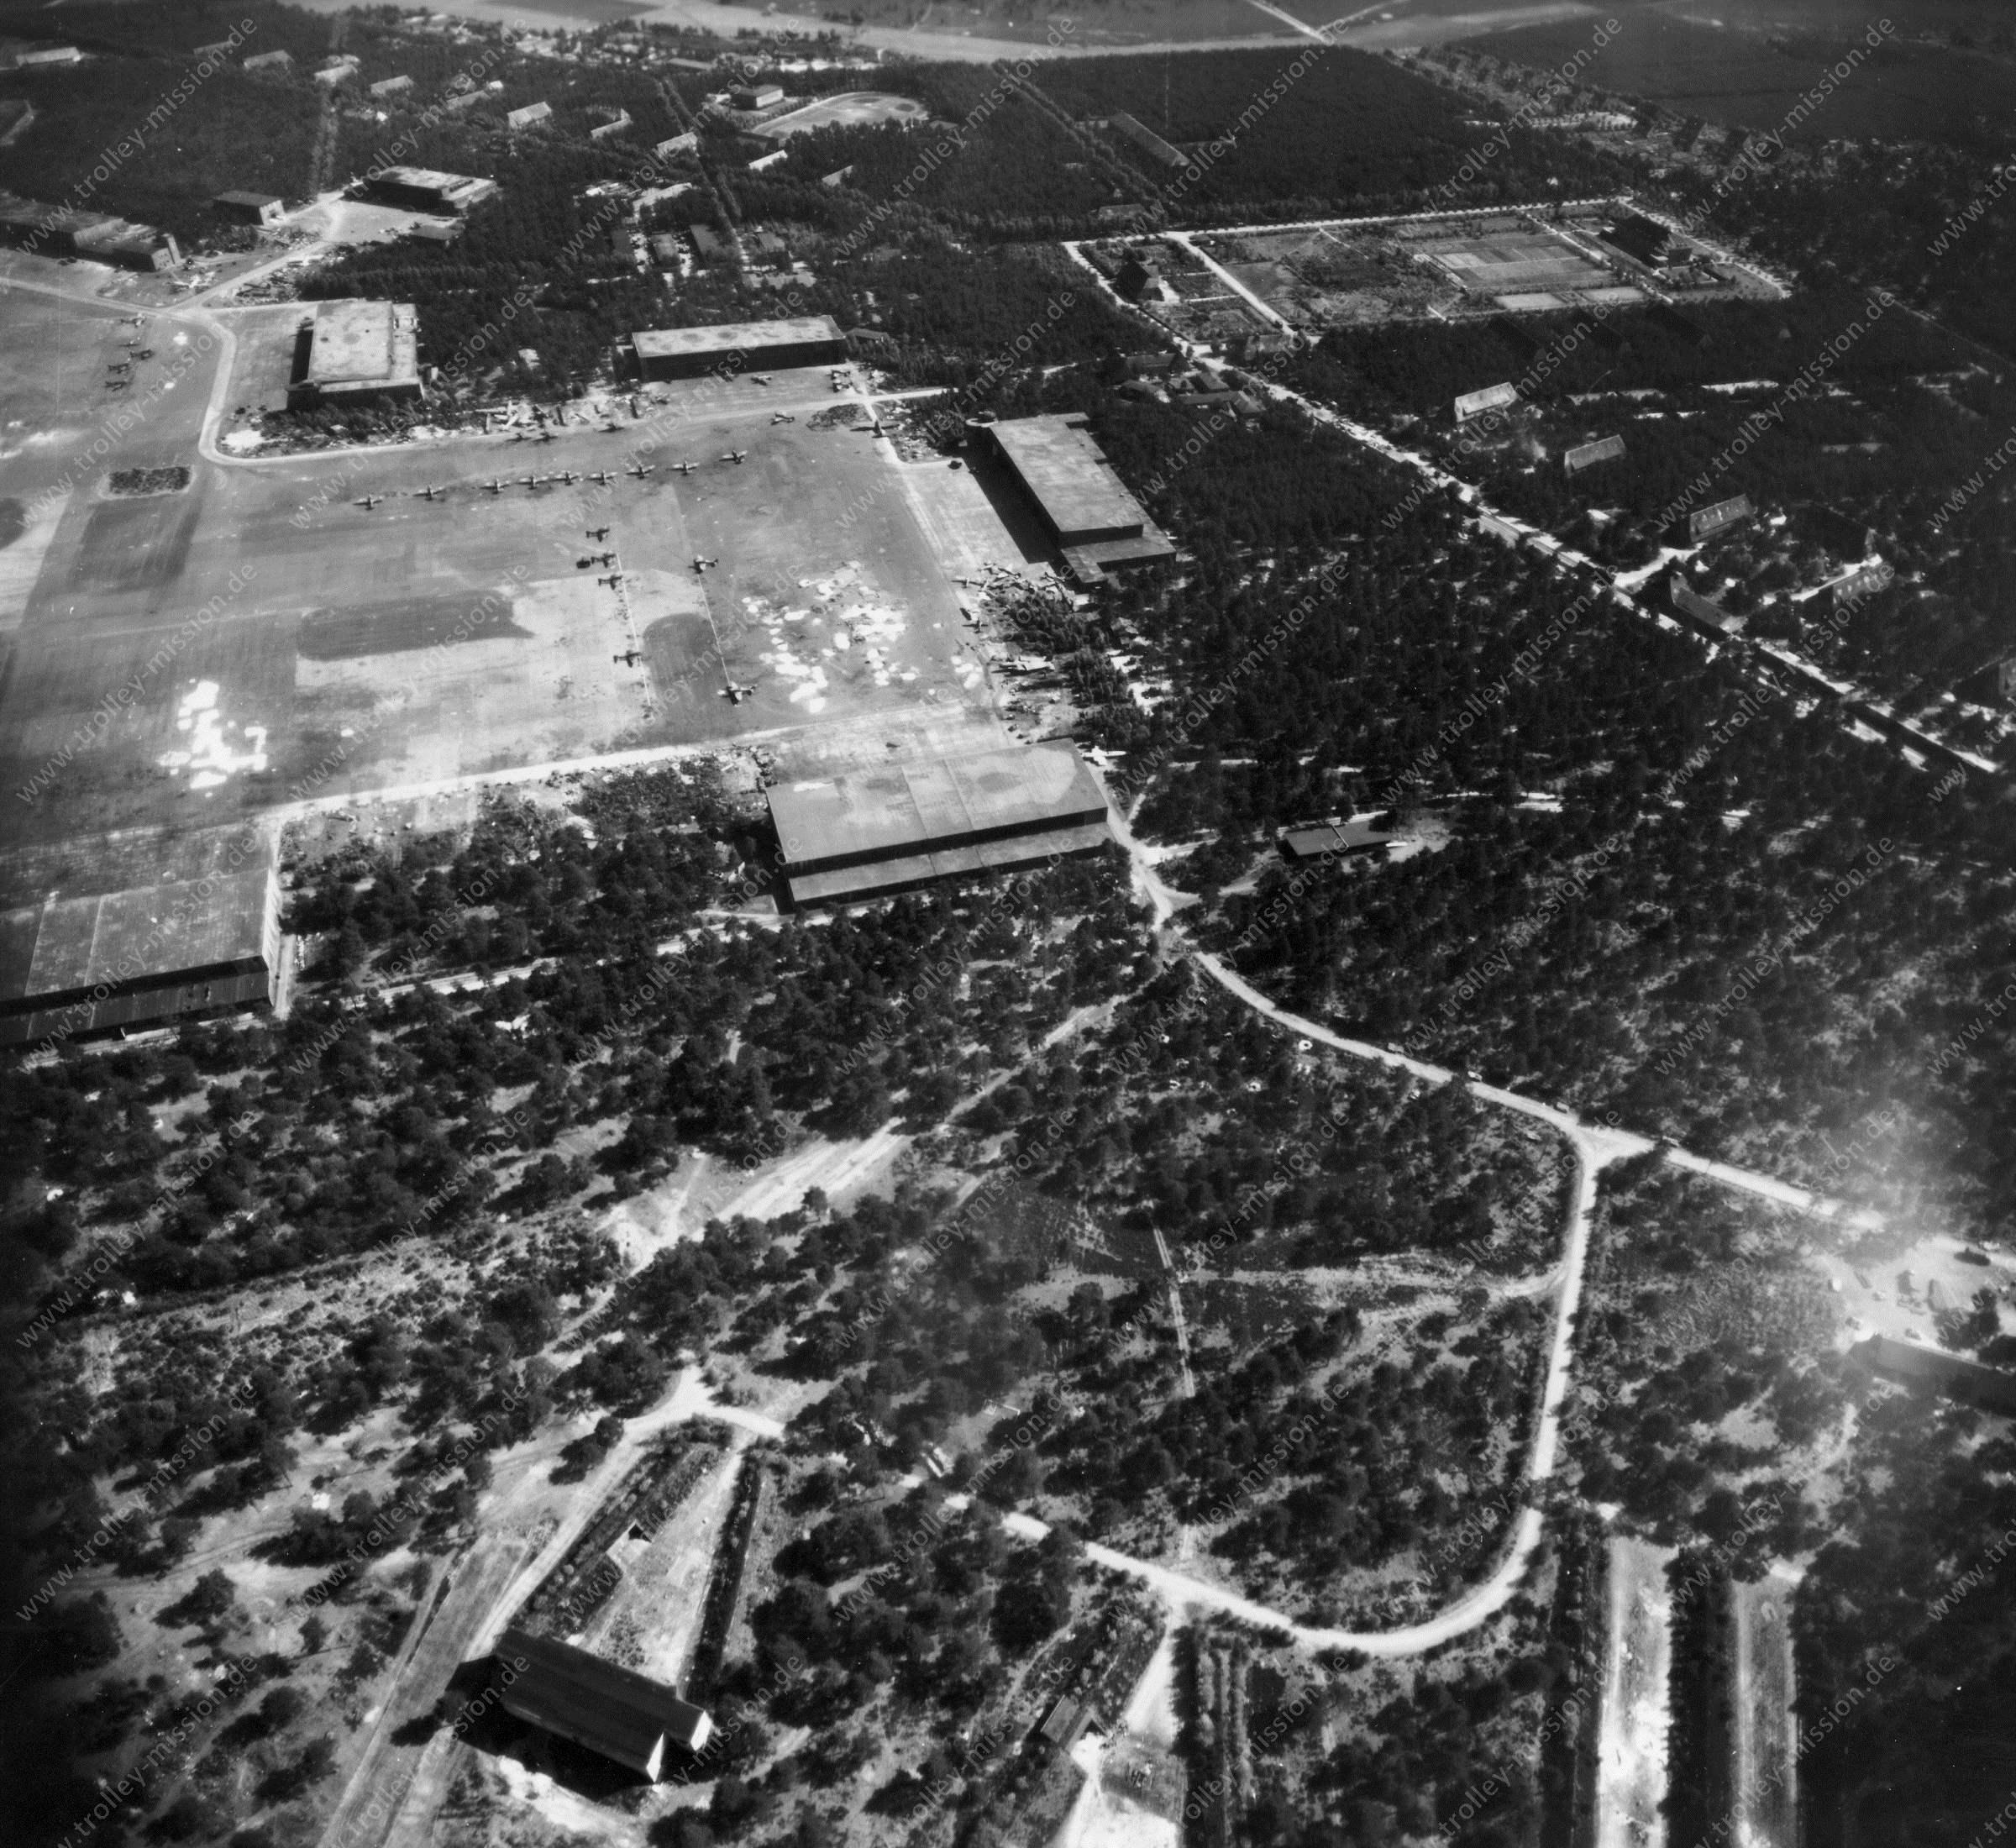 Fassberg Air Base - Air Photo World War II